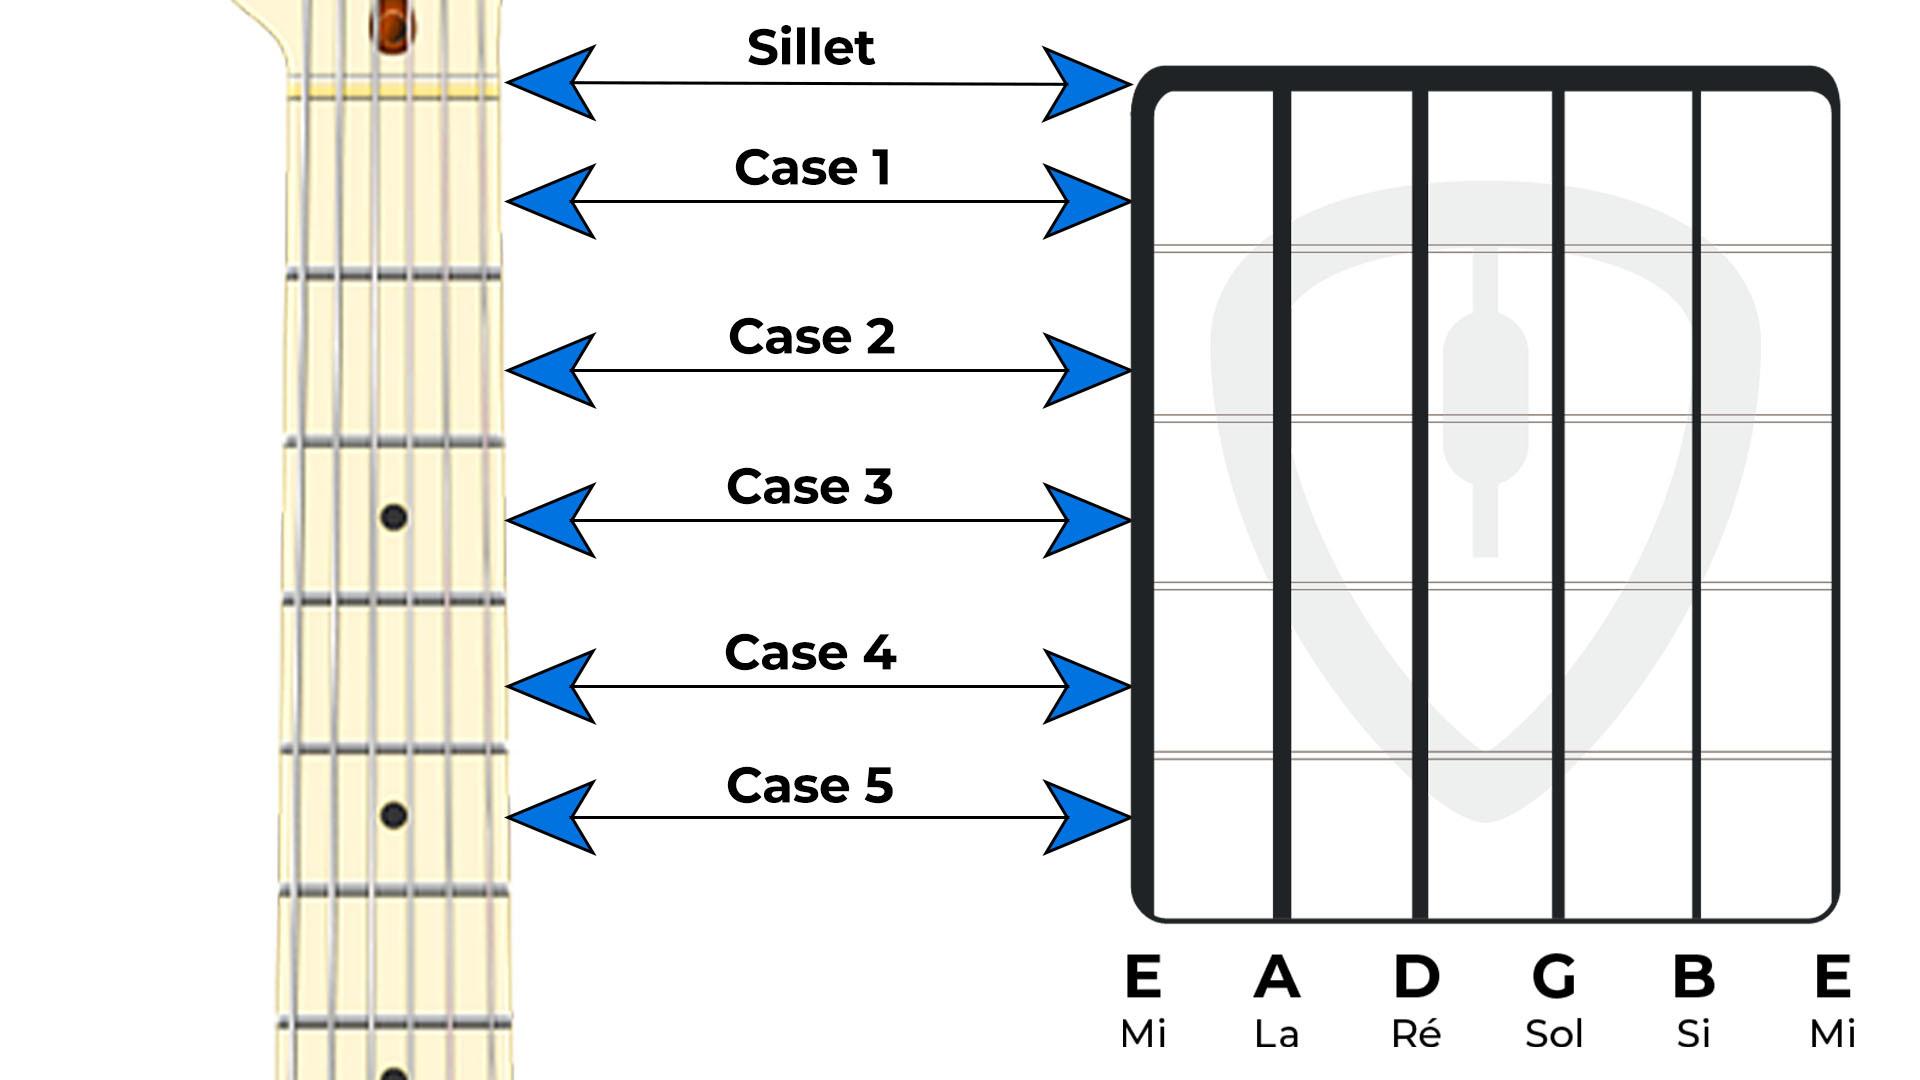 frettes et case diagramme d'accords